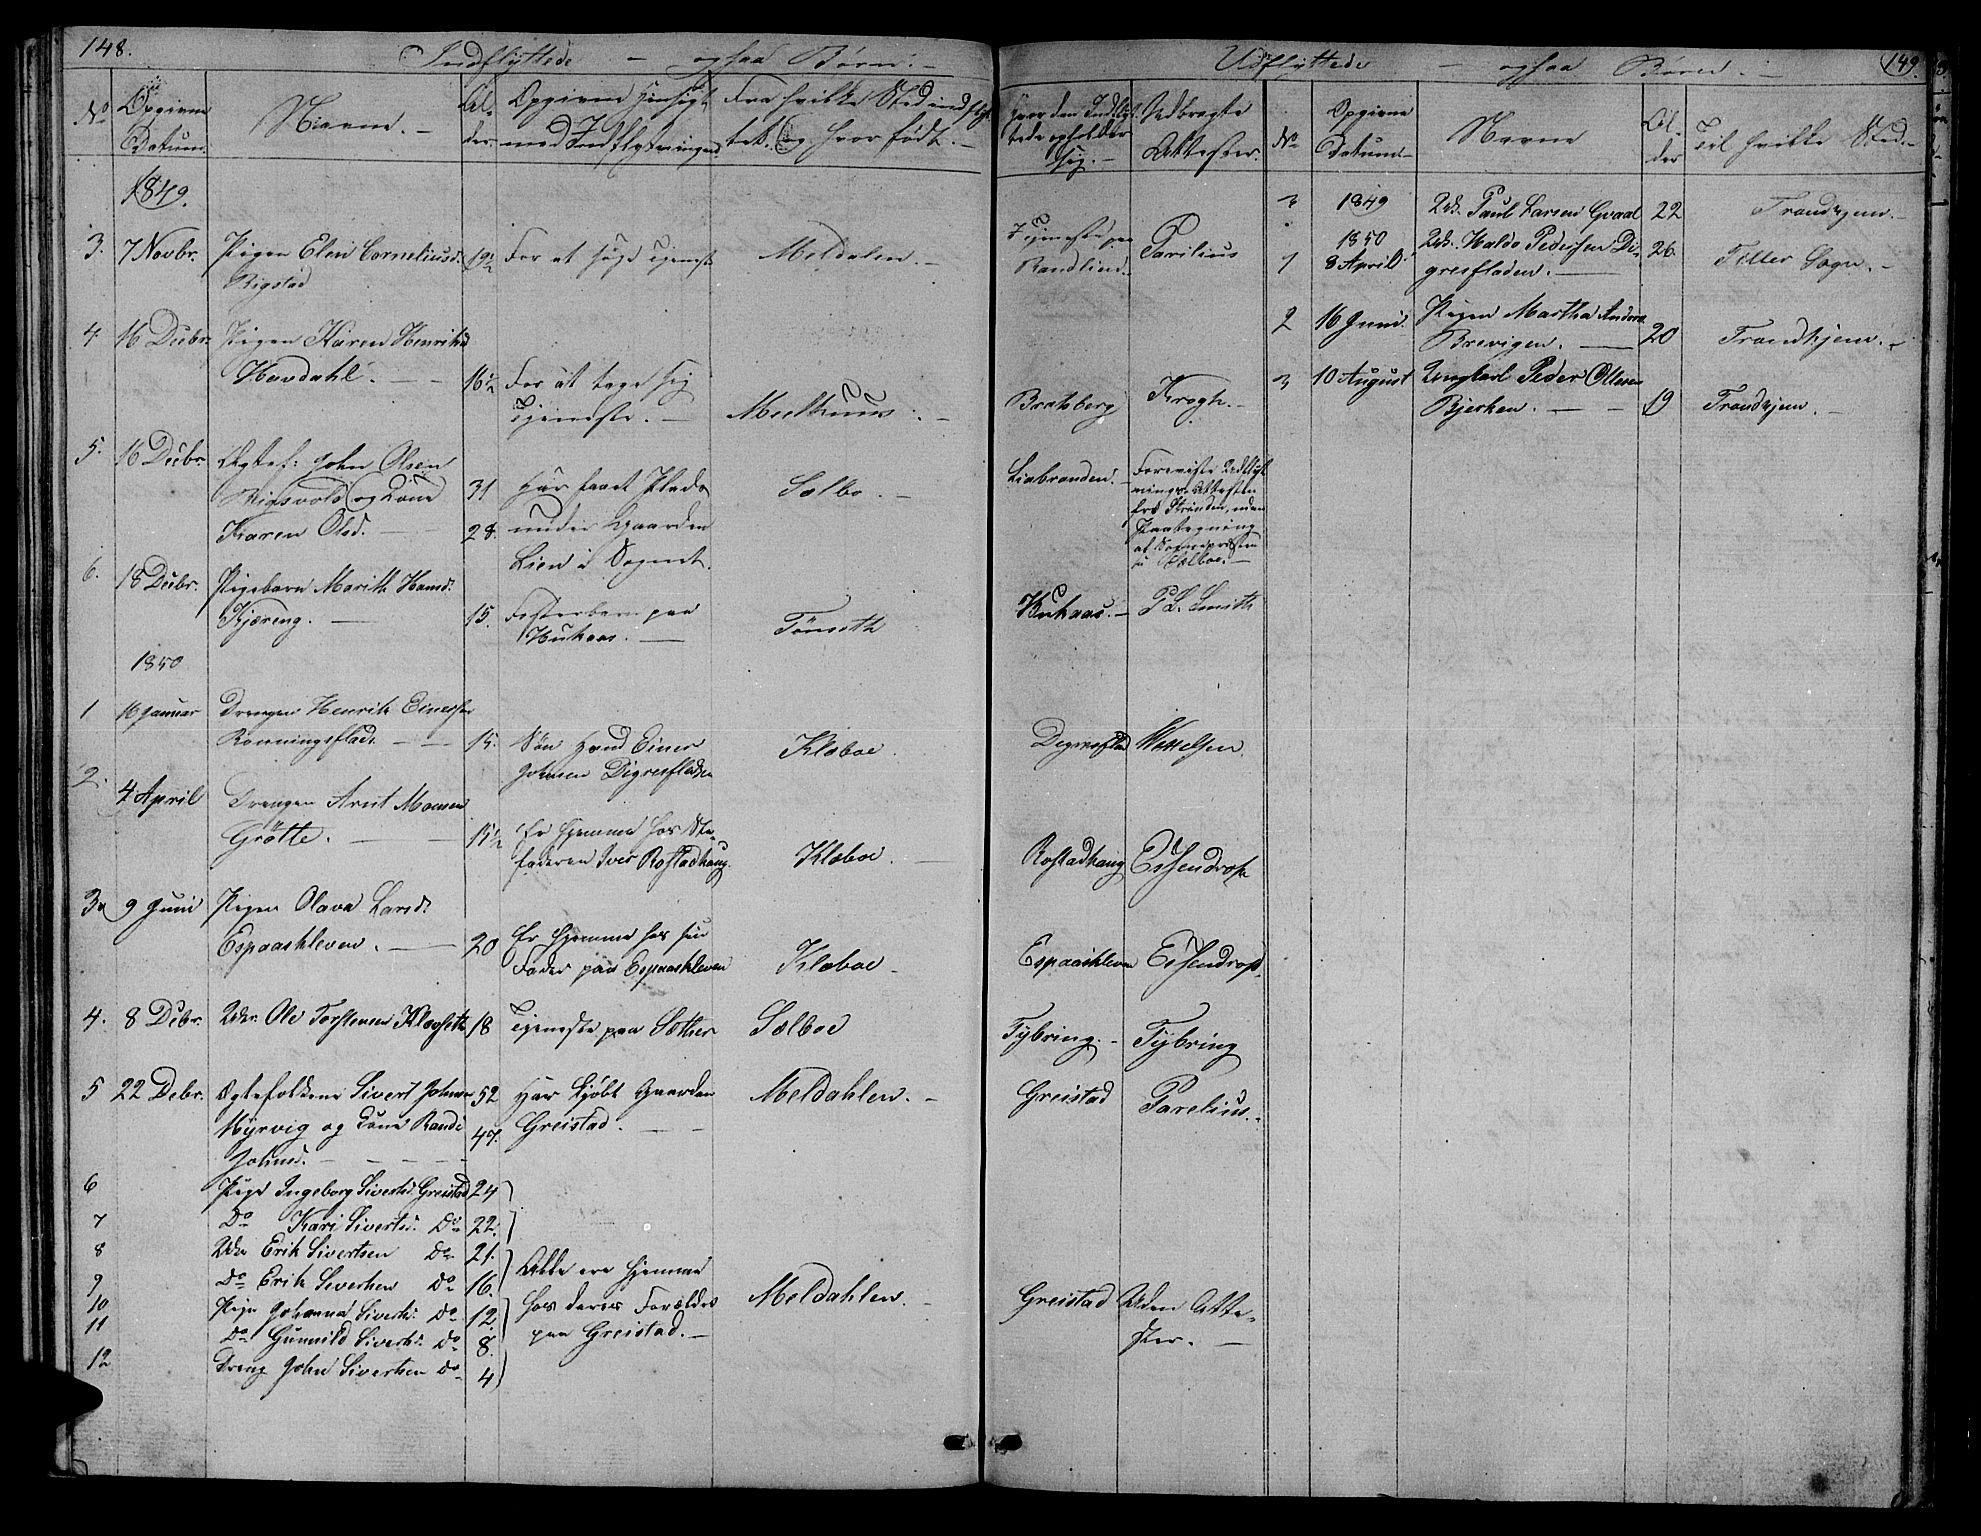 SAT, Ministerialprotokoller, klokkerbøker og fødselsregistre - Sør-Trøndelag, 608/L0339: Klokkerbok nr. 608C05, 1844-1863, s. 148-149